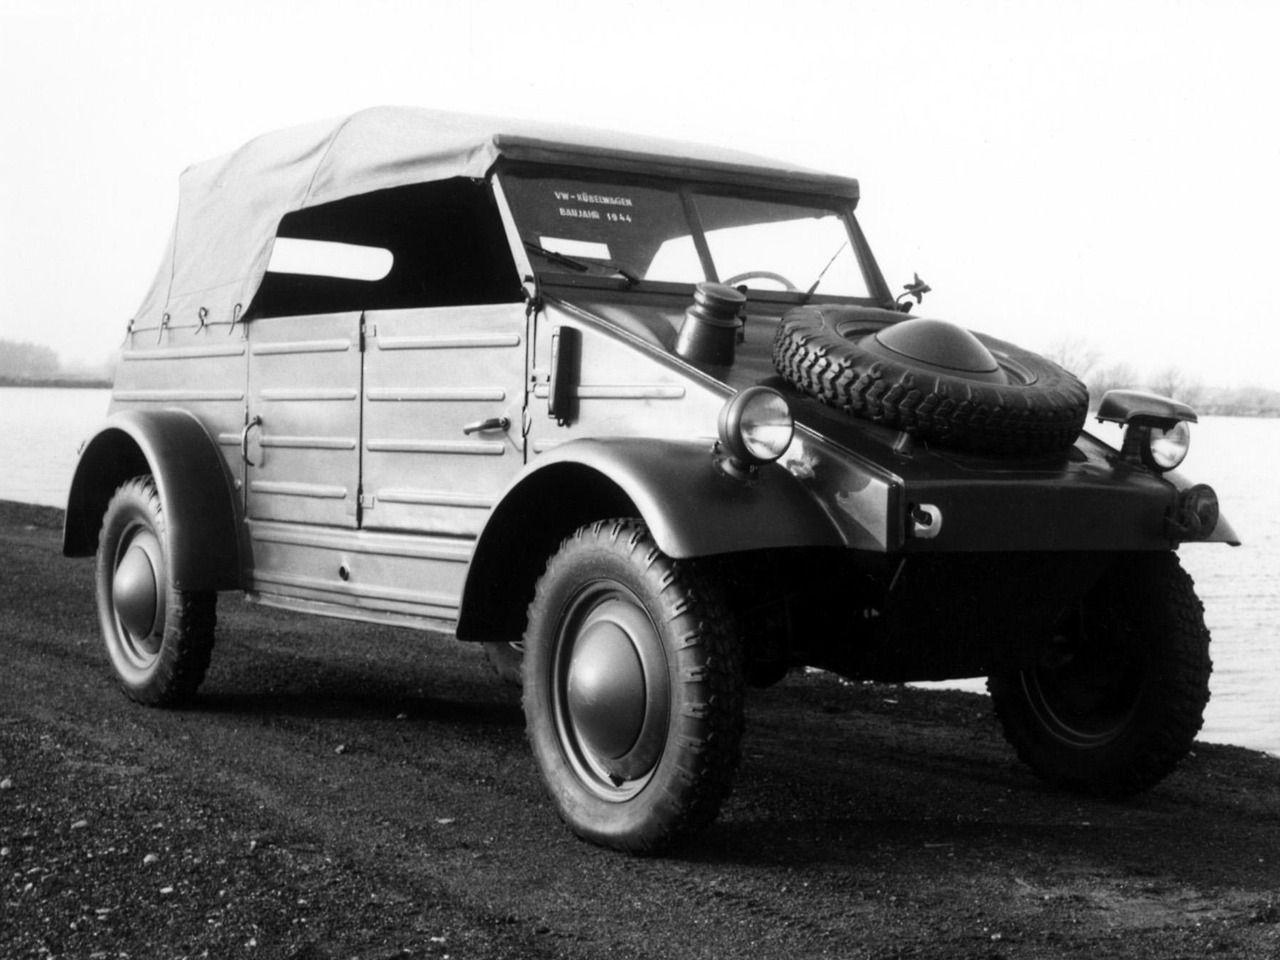 volkswagen type 82 k belwagen wehrmacht volkswagen. Black Bedroom Furniture Sets. Home Design Ideas